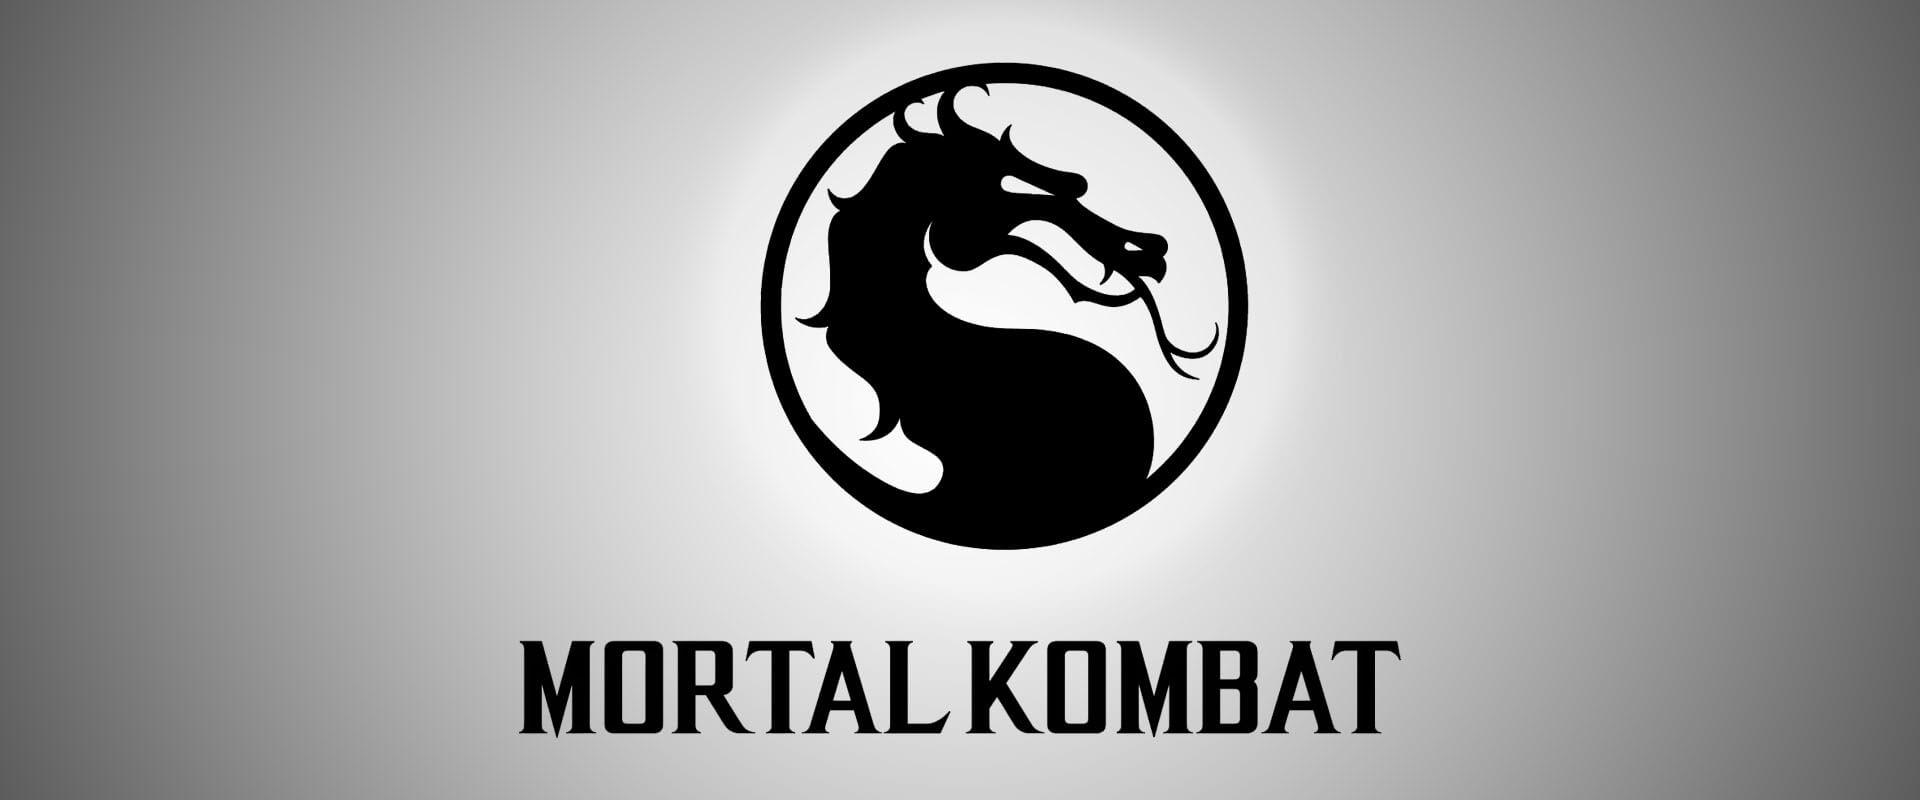 Mortal Kombat Története 🩸 🎂 ⚰